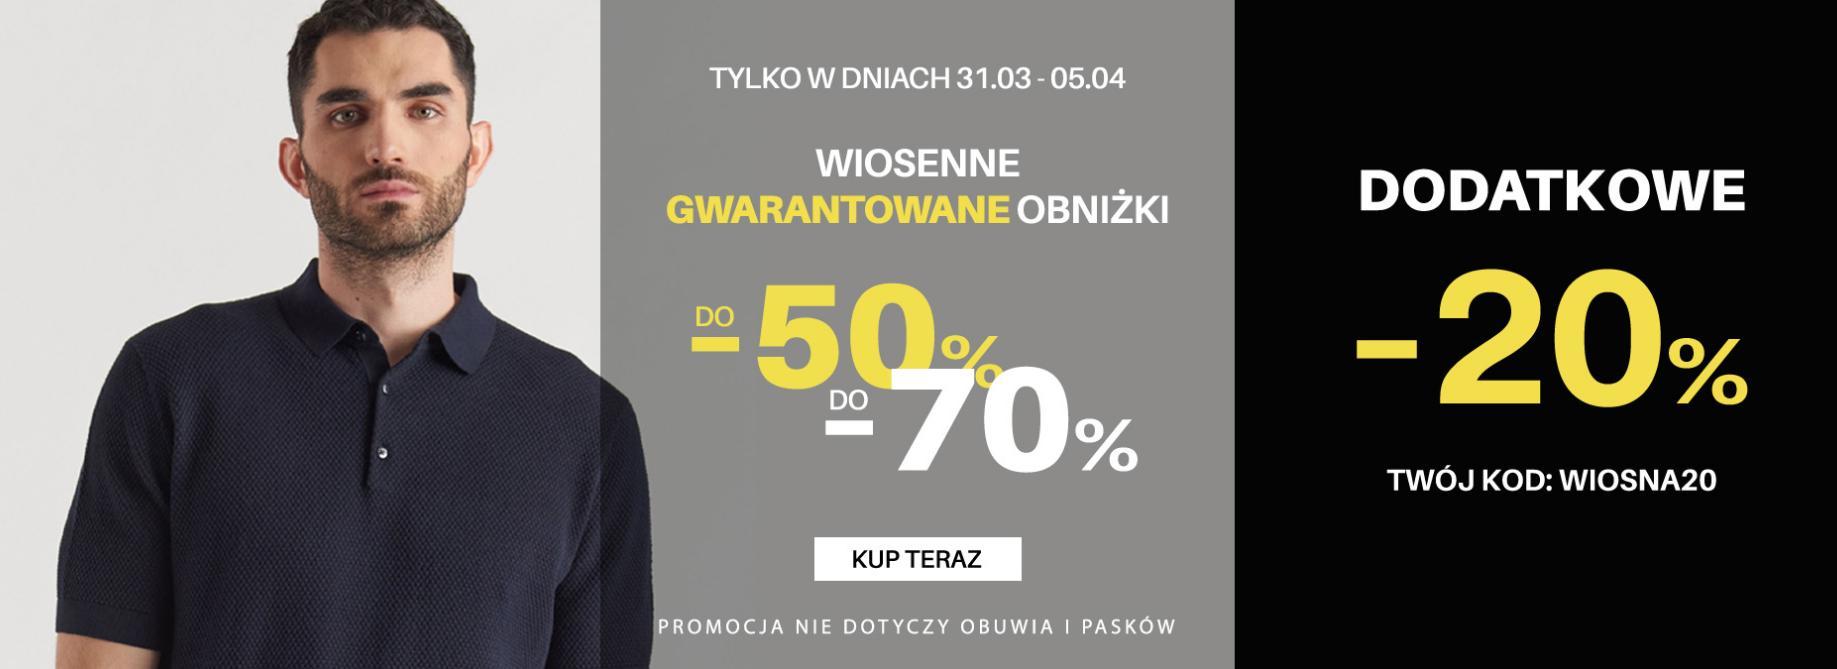 Pako Lorente: dodatkowe 20% zniżki na odzież męską oraz wiosenne obniżki do 50% i do 70%